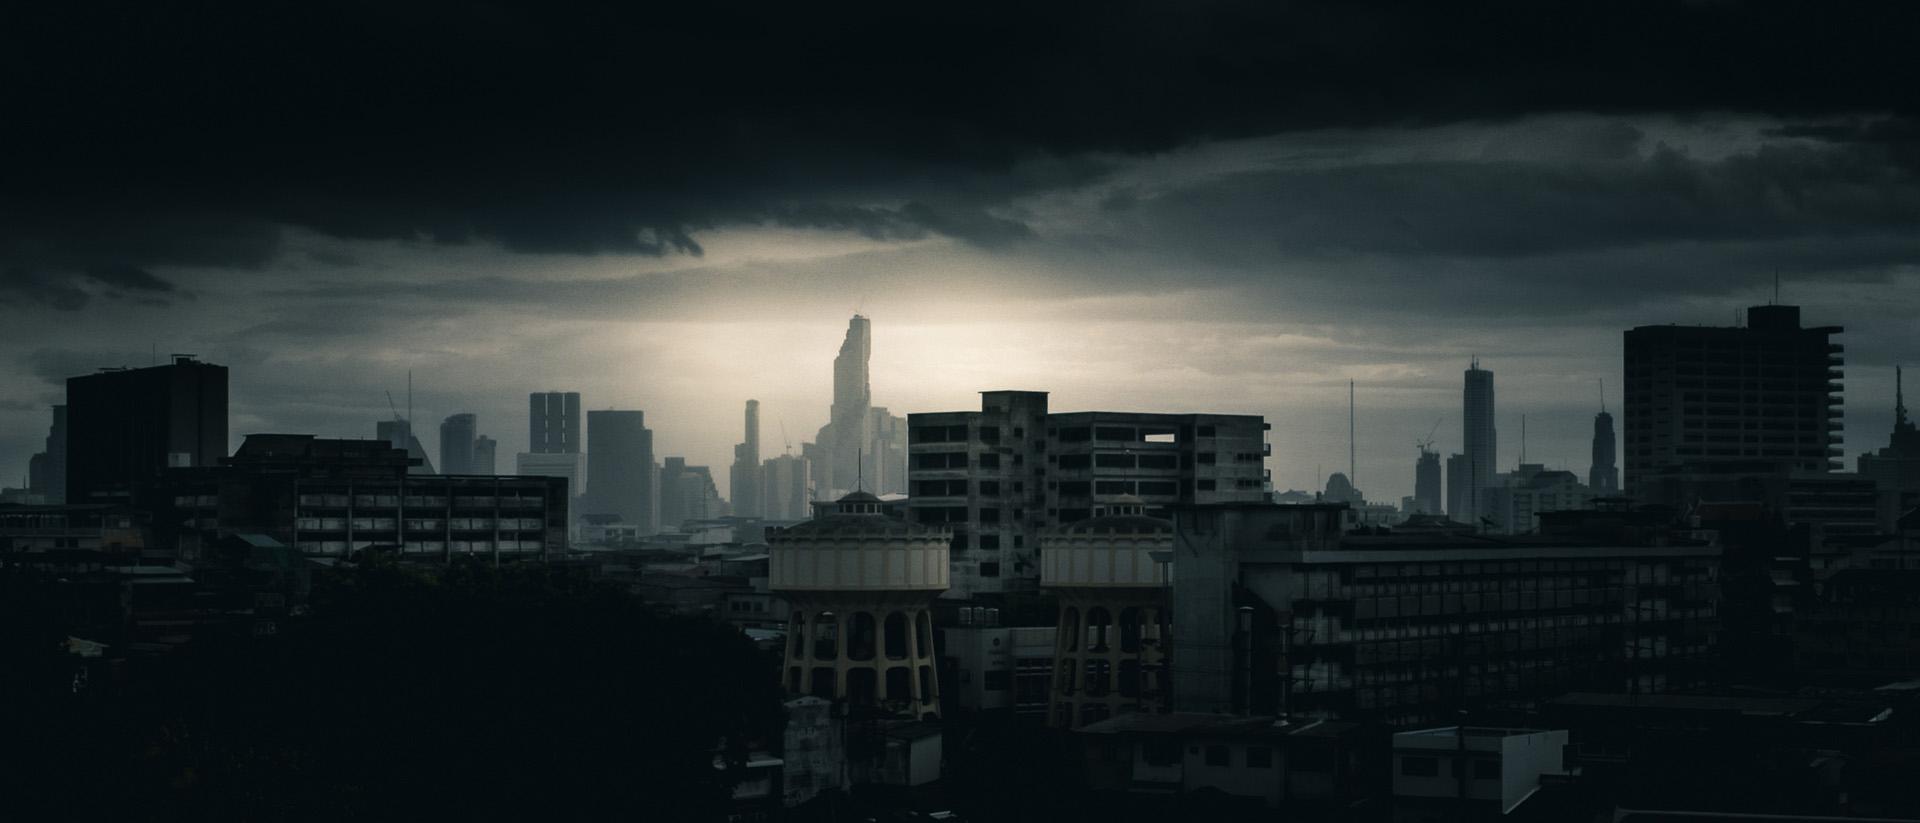 Enchanting Photographs of Bangkok at Night